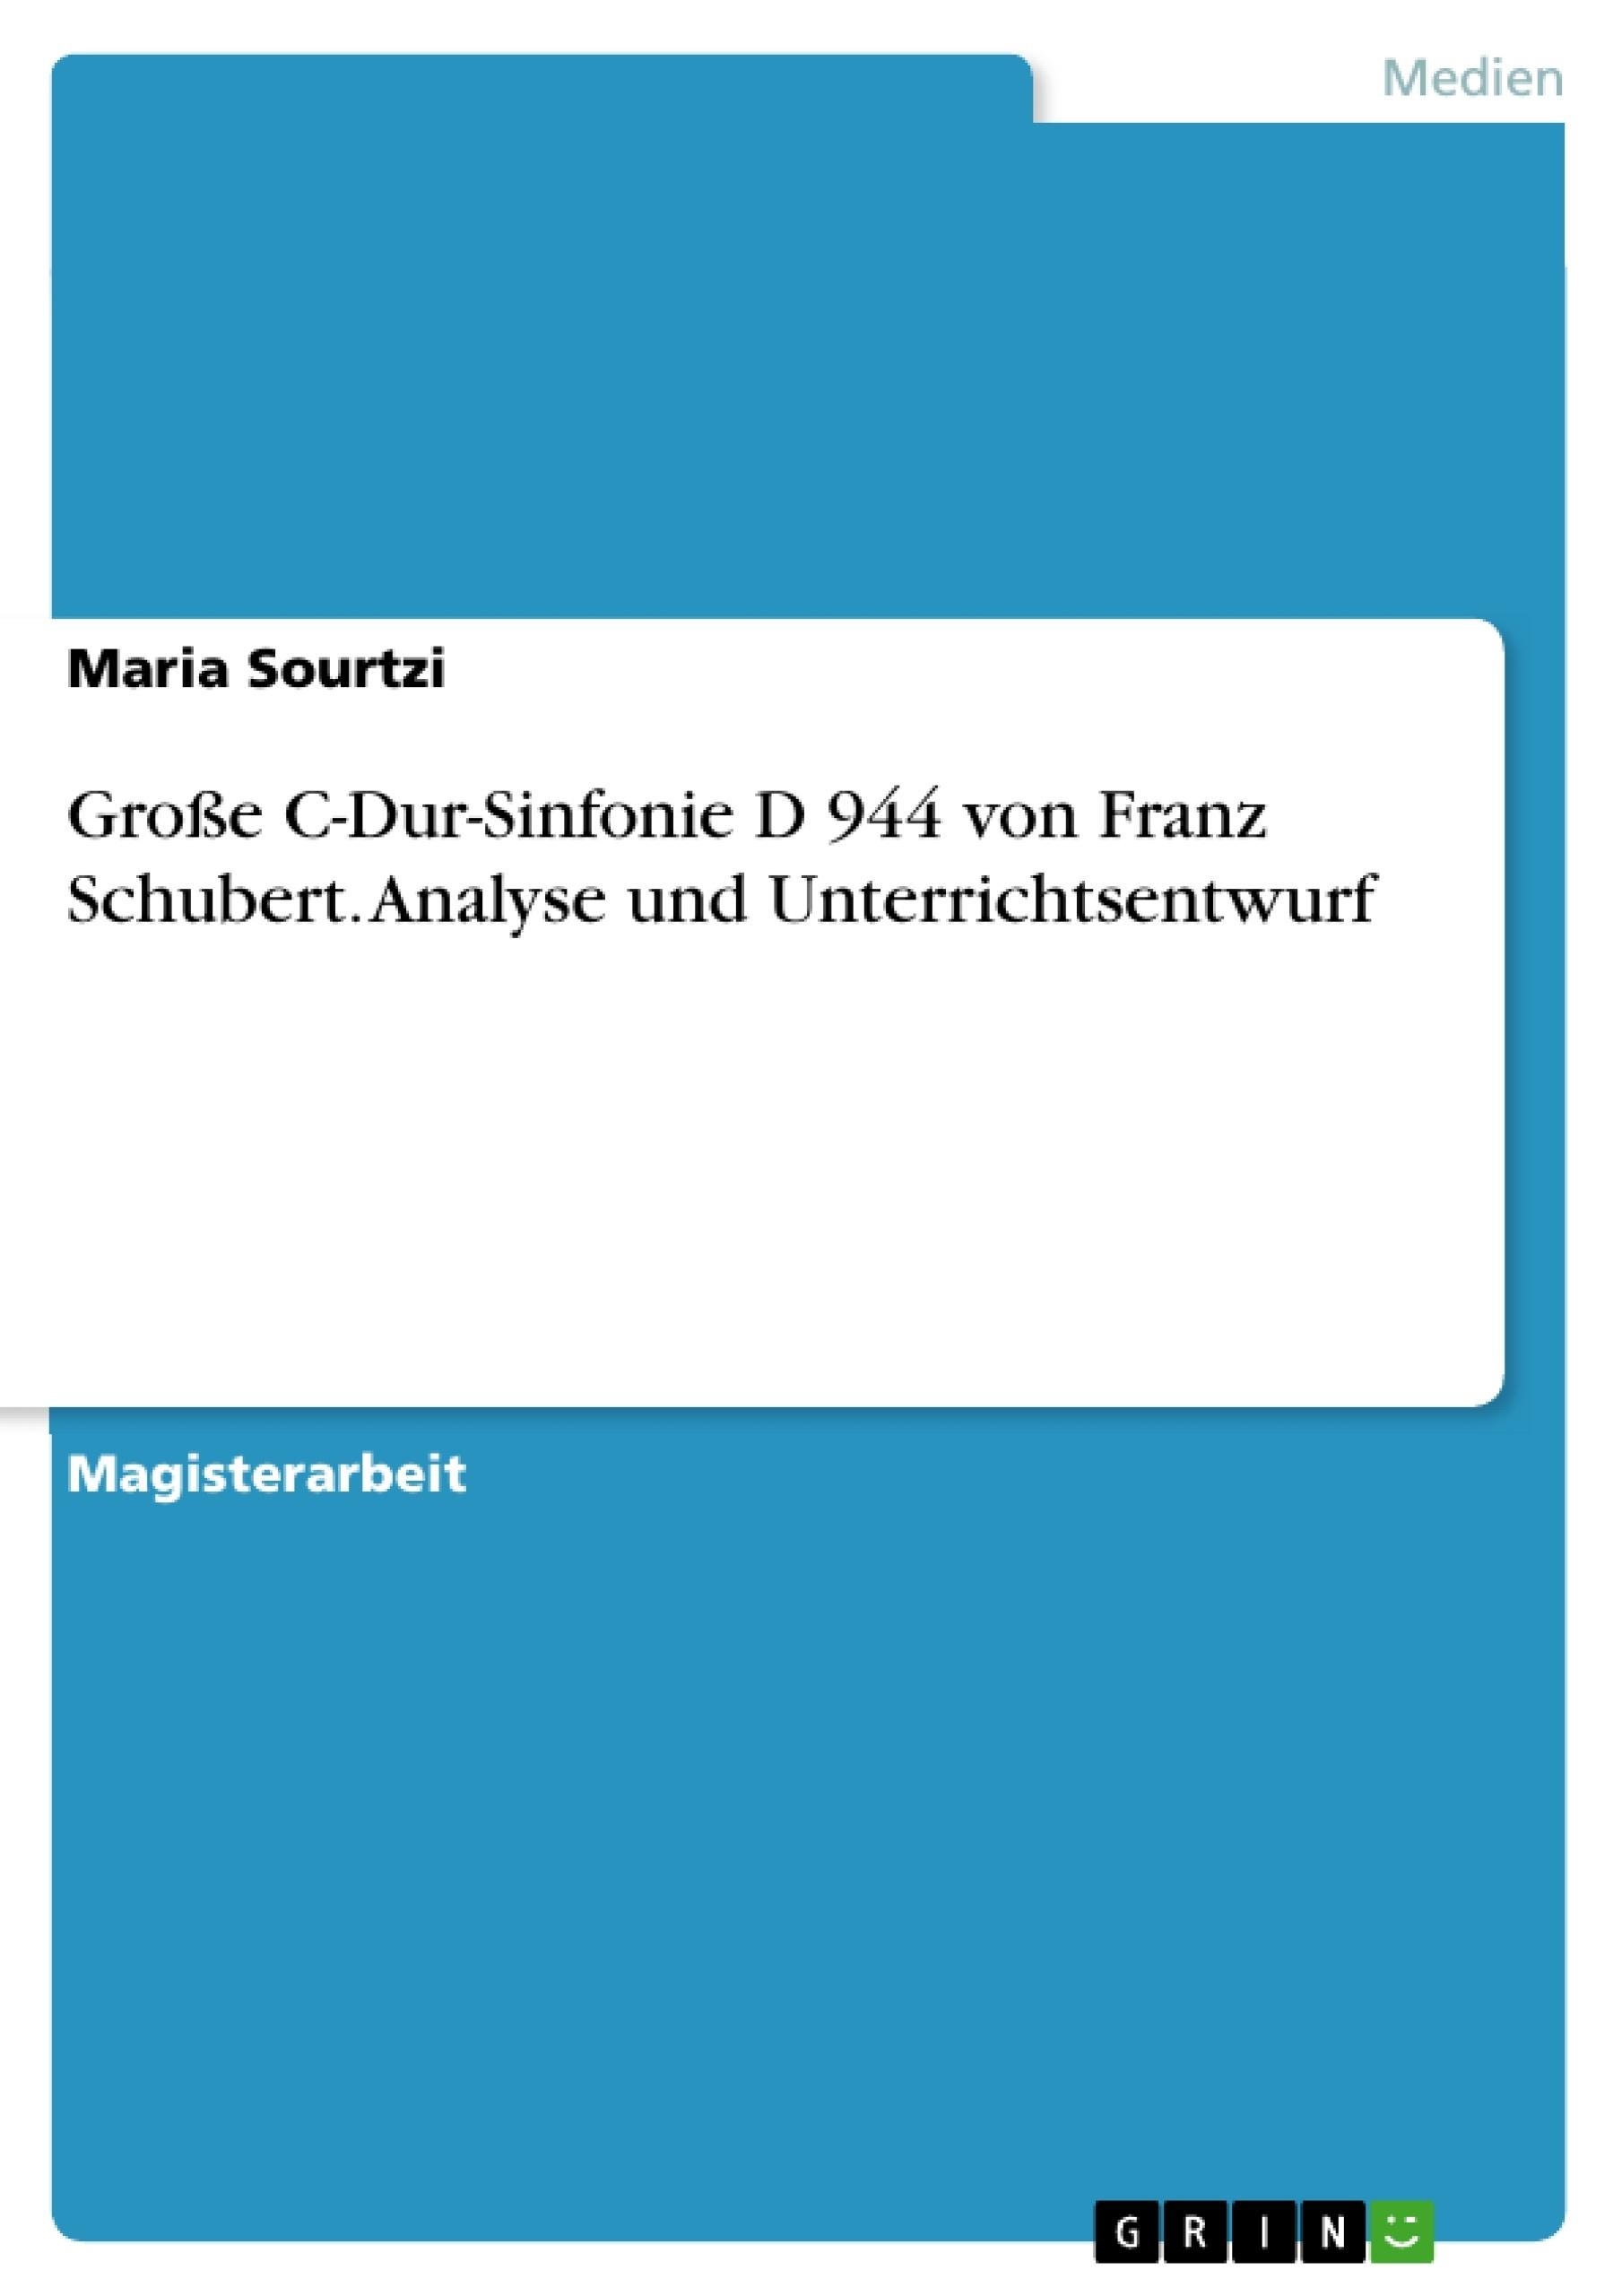 Titel: Große C-Dur-Sinfonie D 944 von Franz Schubert. Analyse und Unterrichtsentwurf